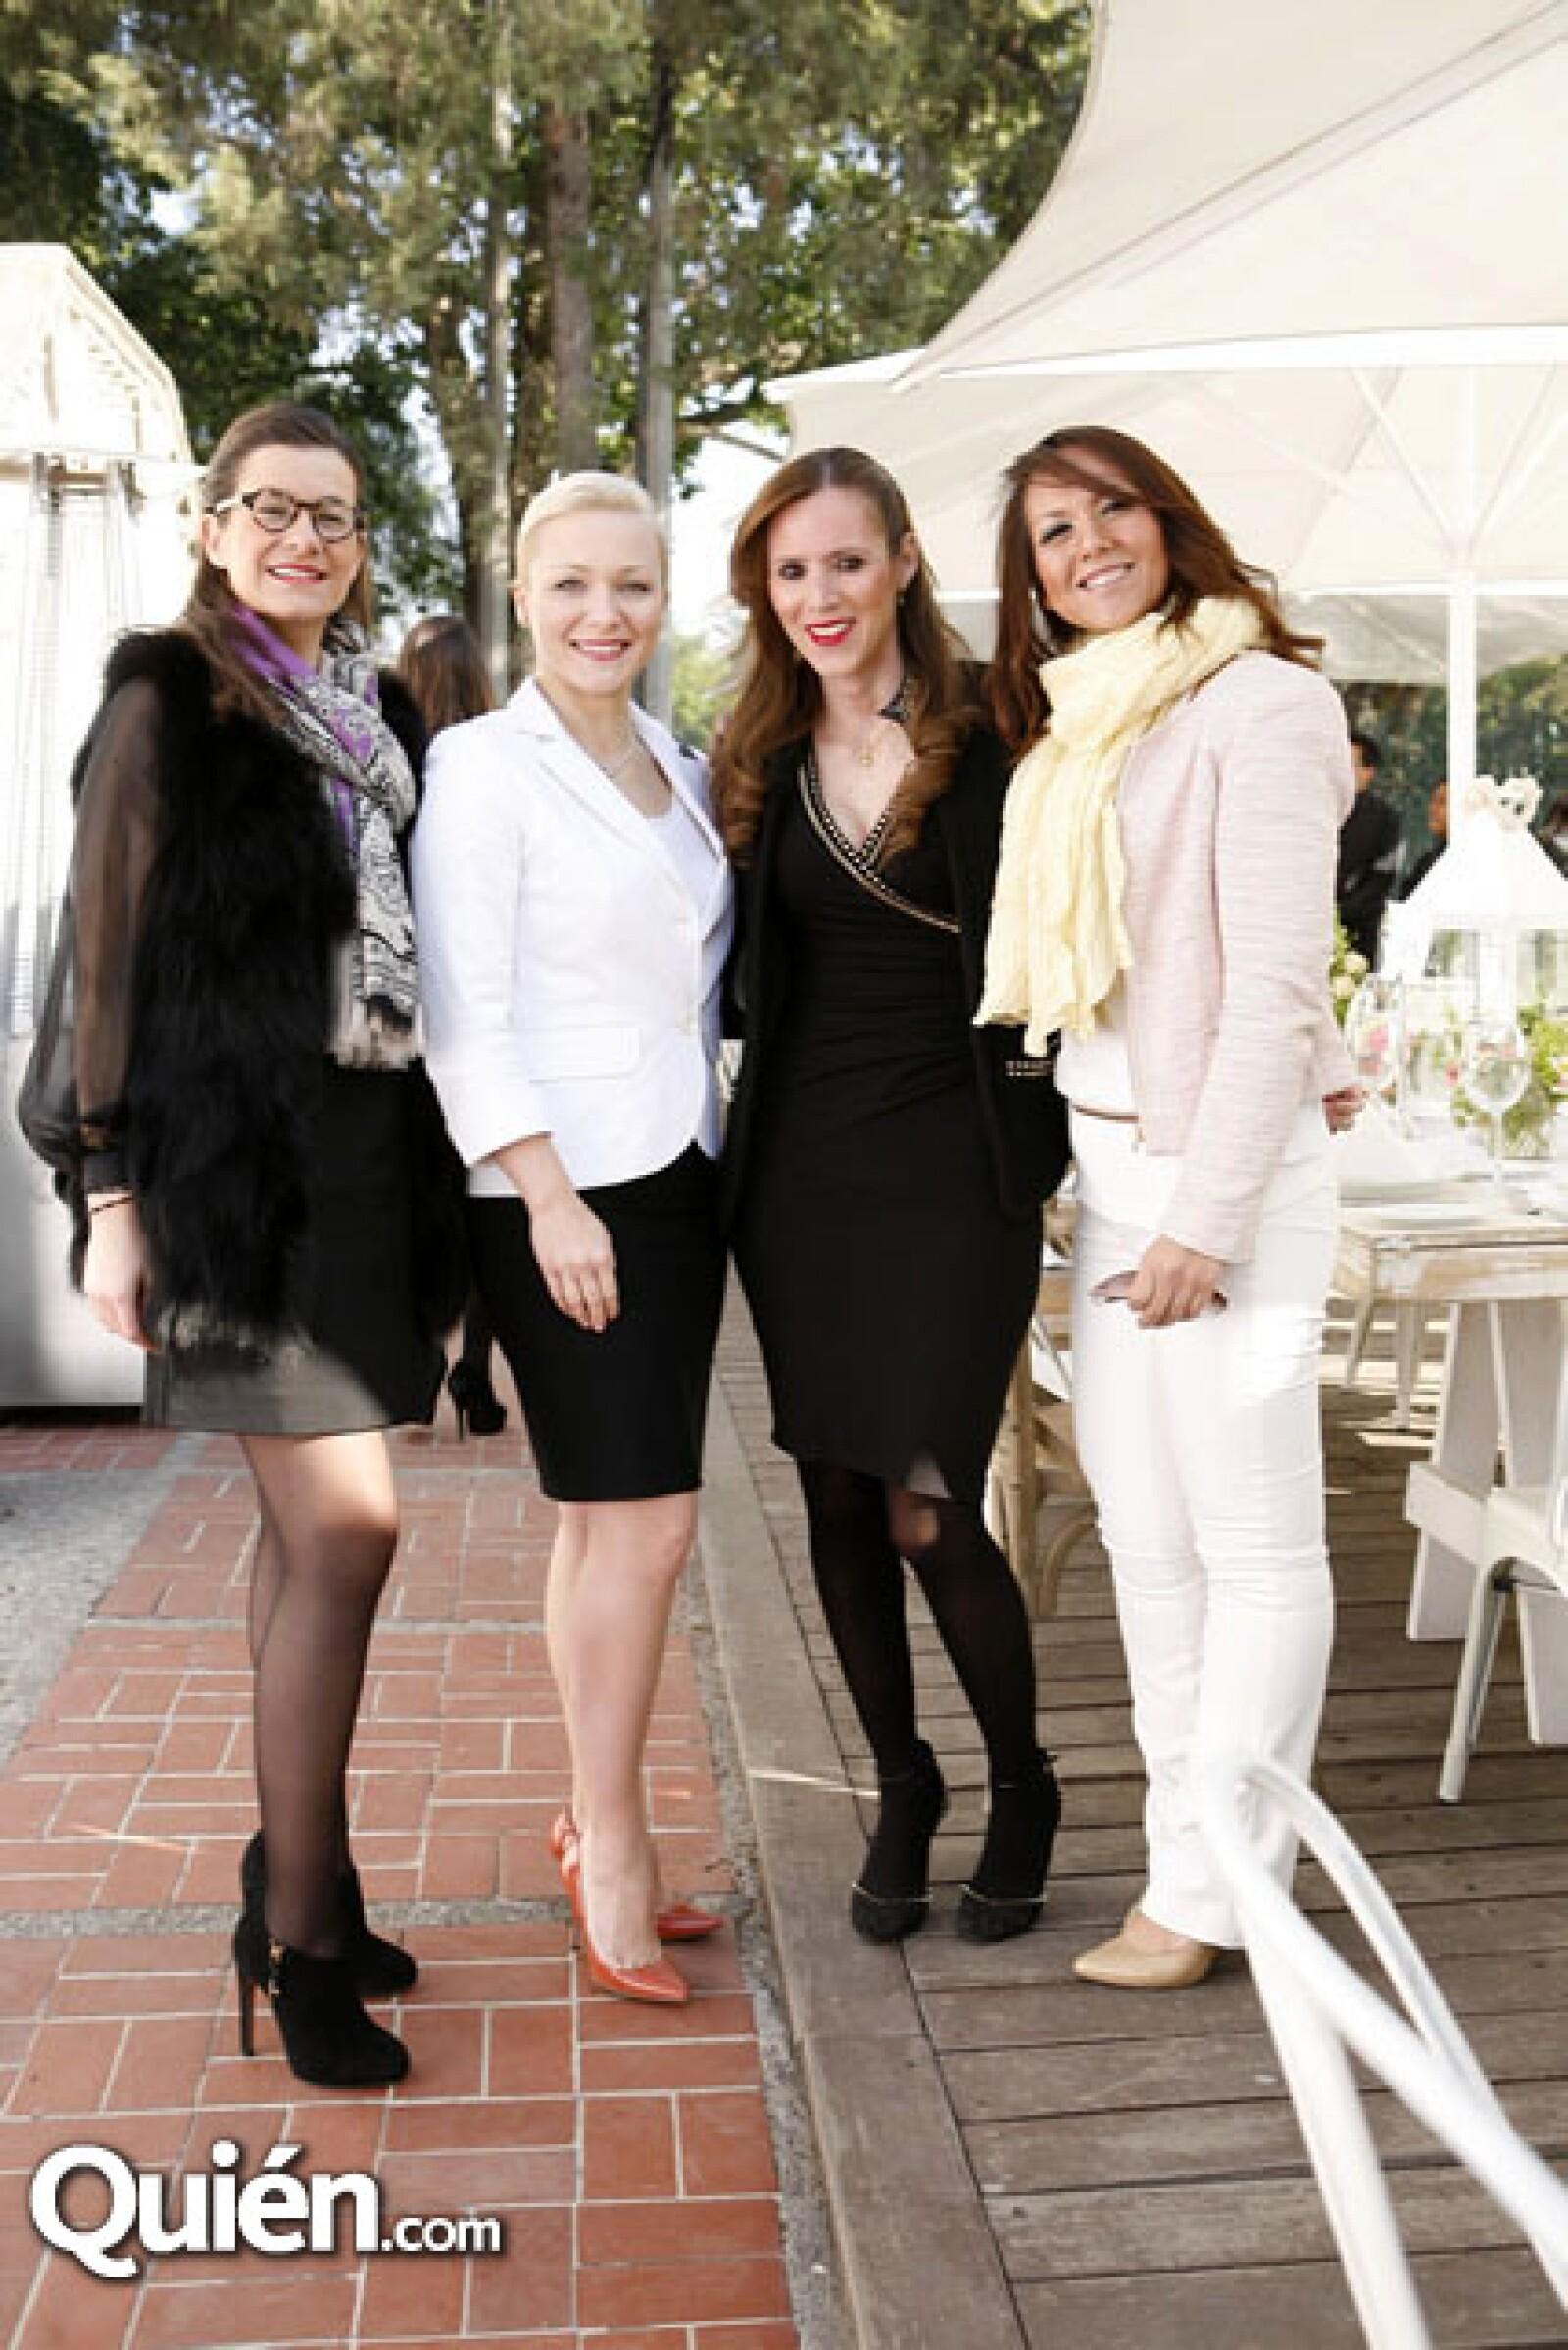 Sabine Serres,Karolina Abdel,Lizeth Goytortua,Montserrat Pérez